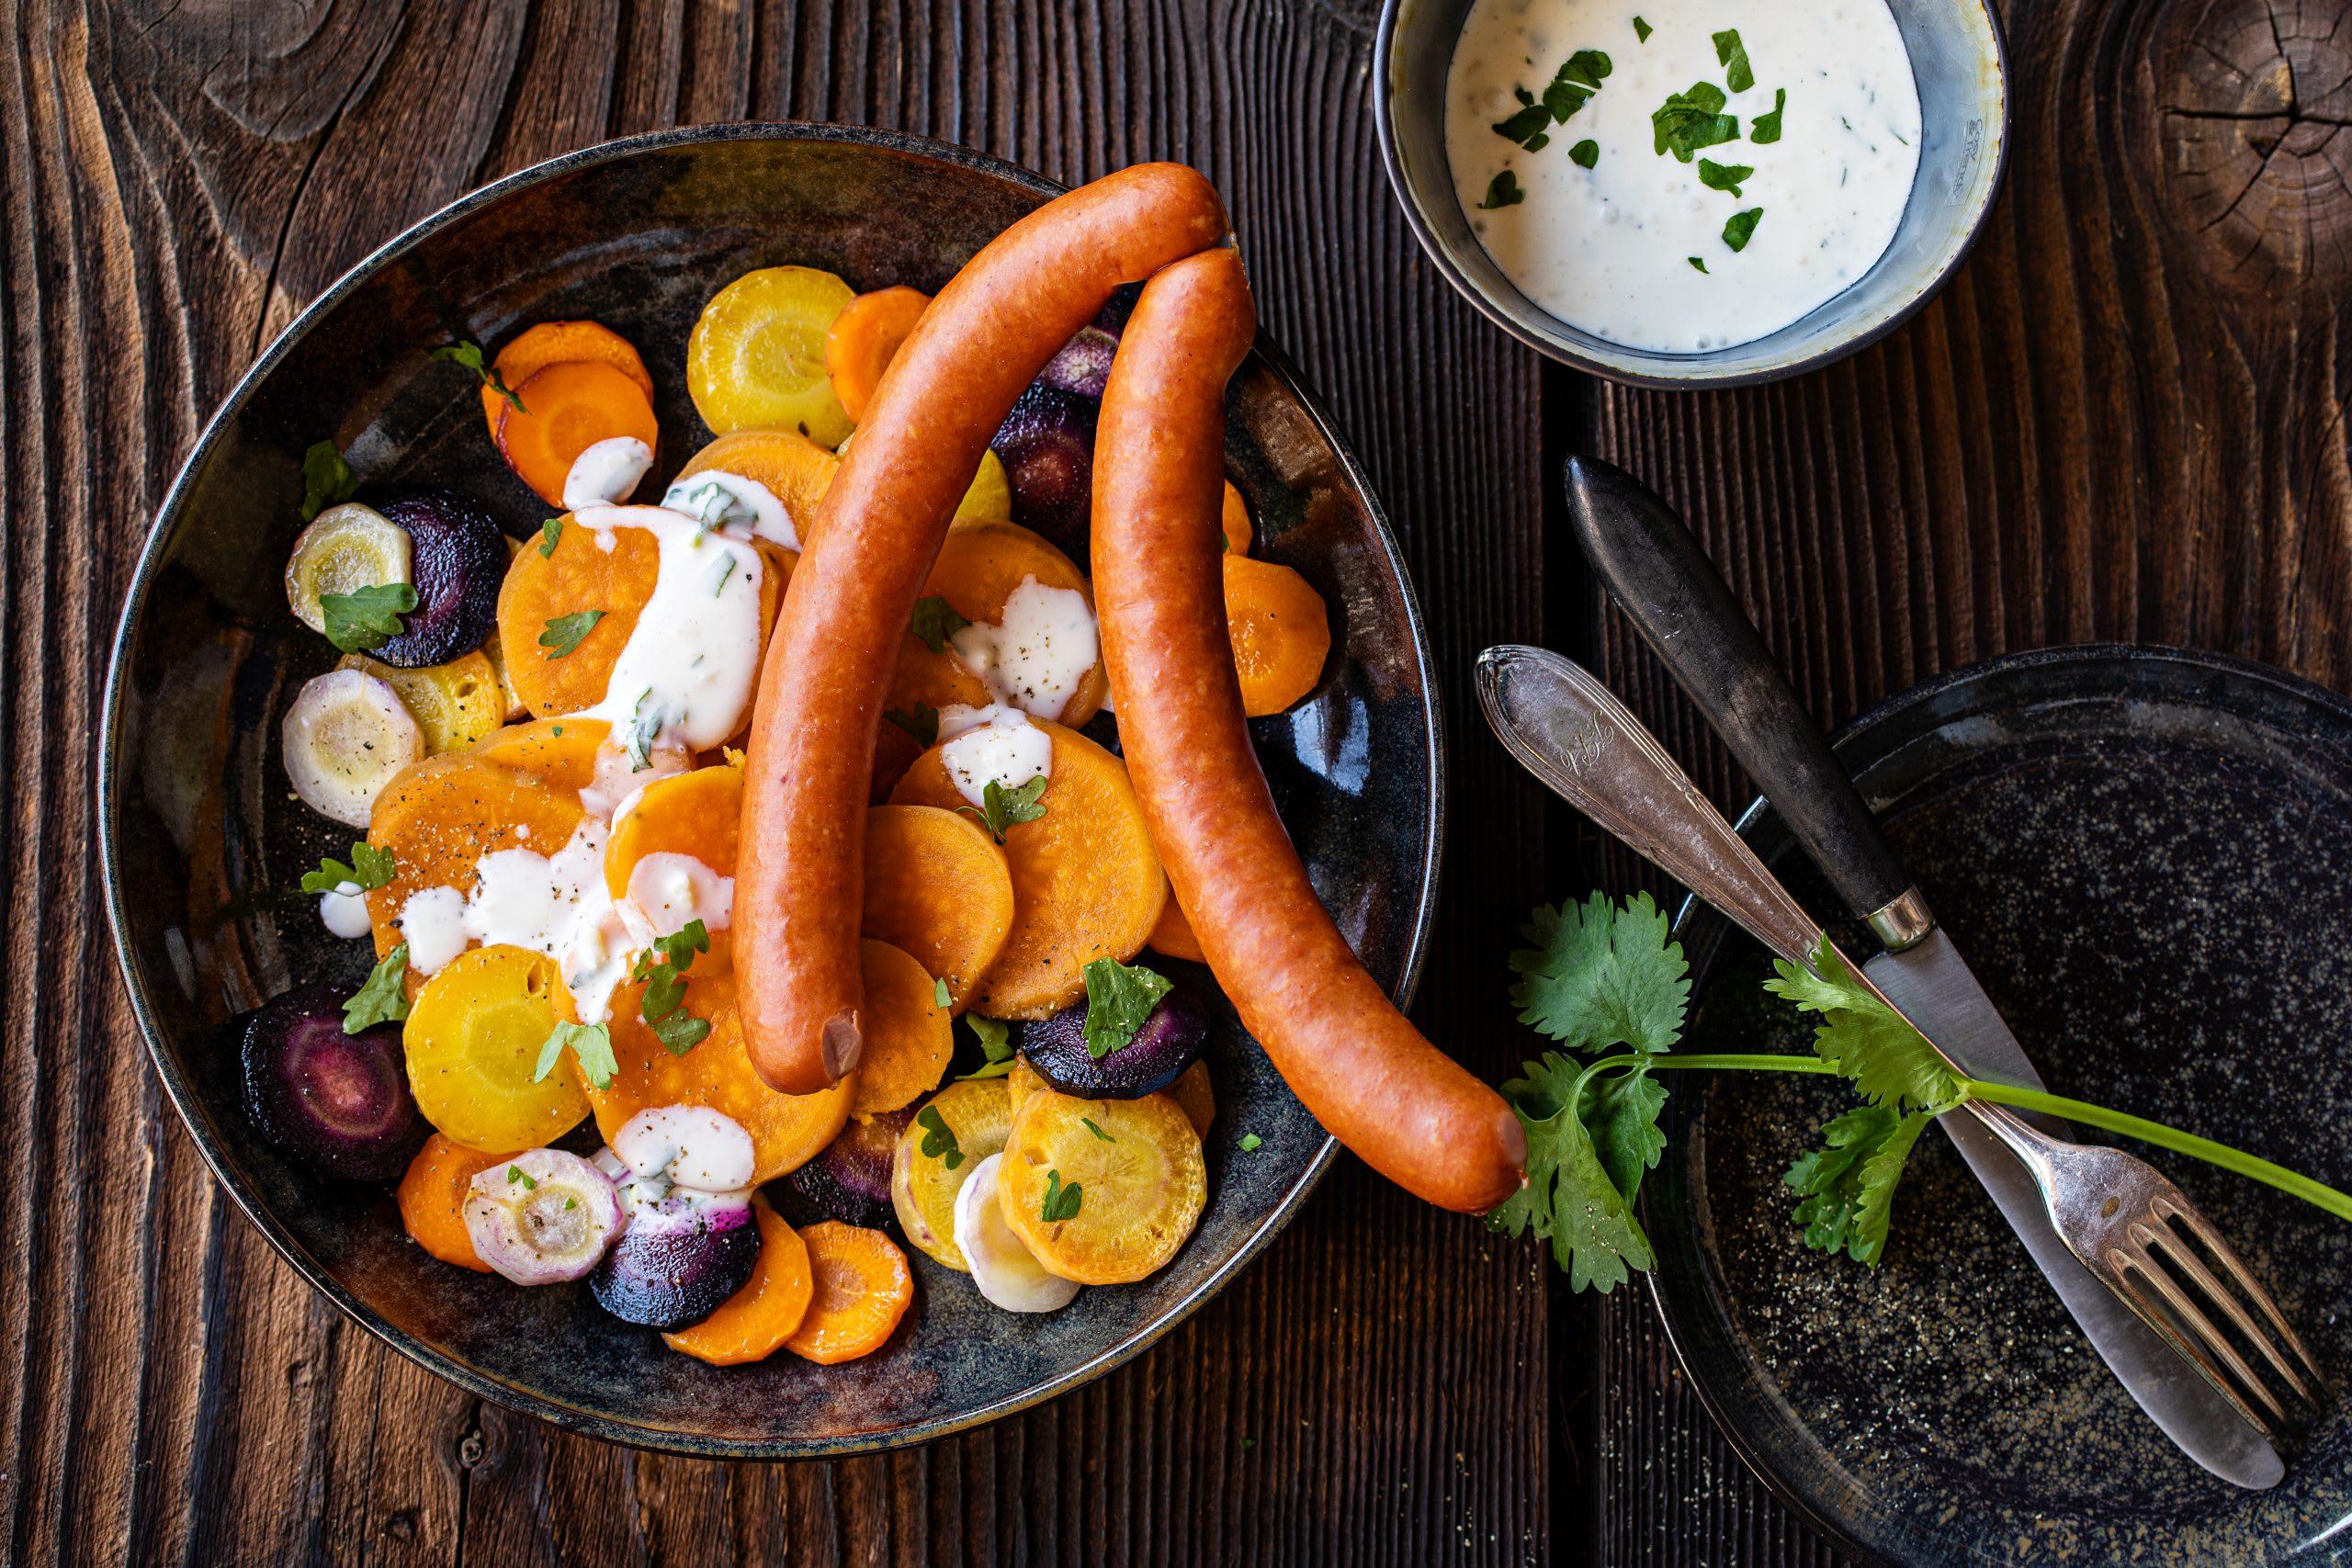 Salade carottes-patates douces et saucisses